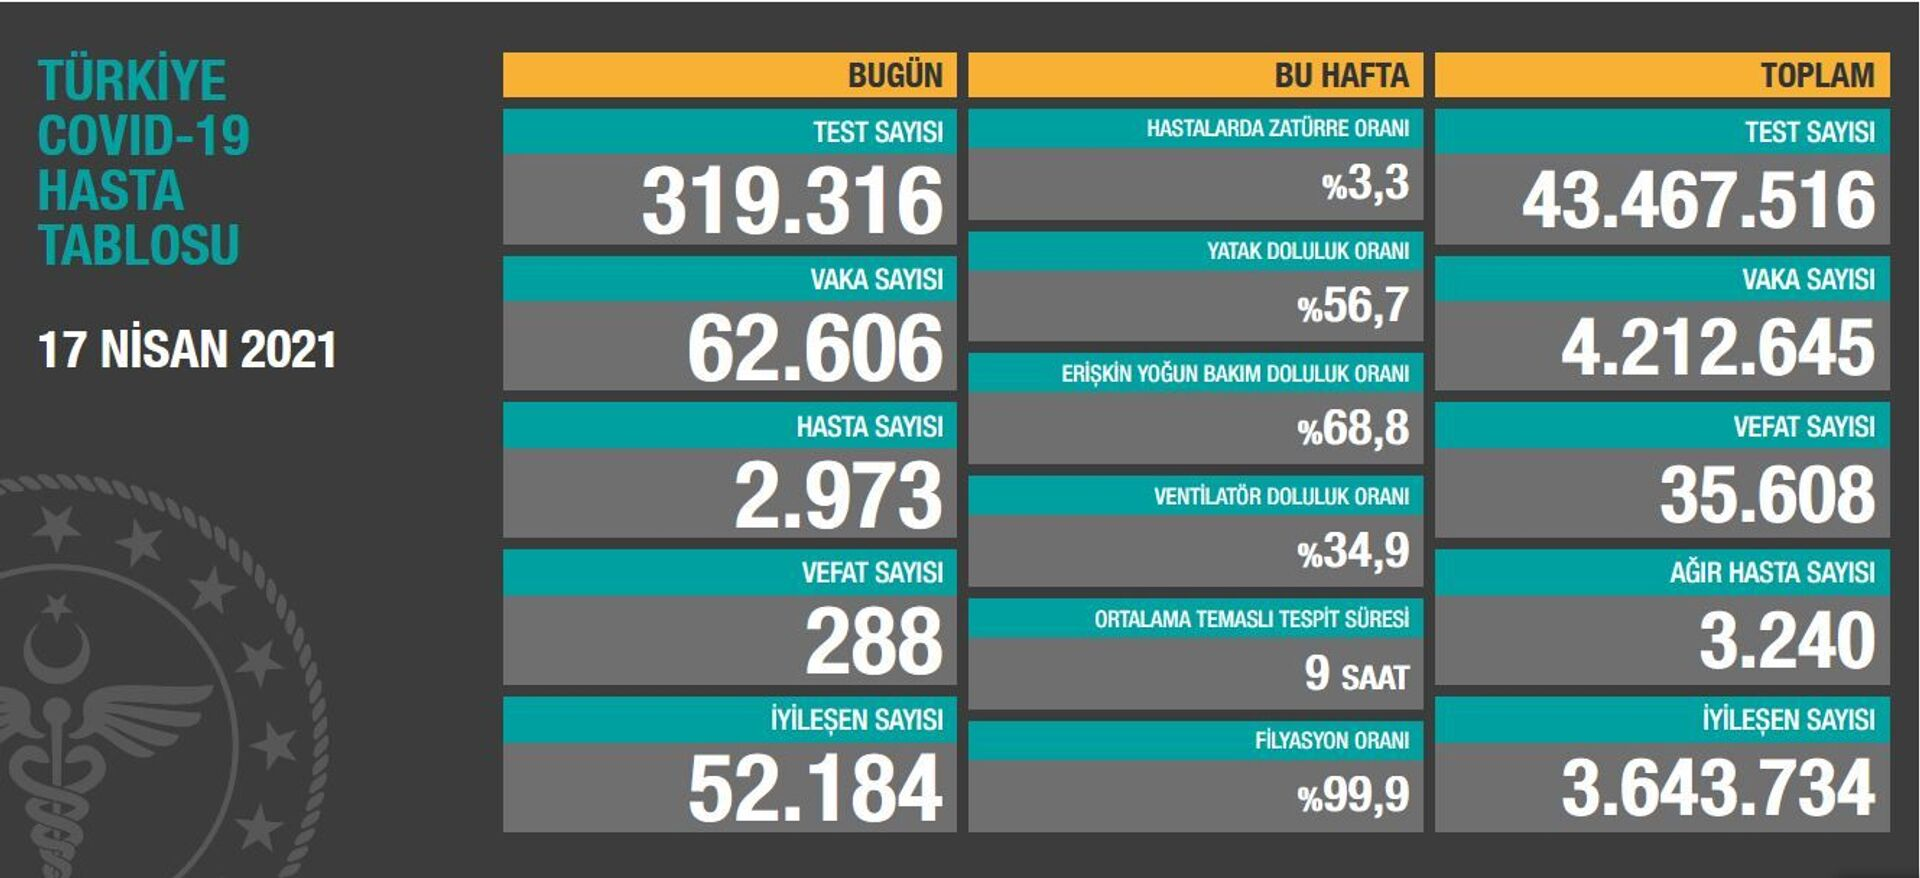 Türkiye'de son 24 saatte 62 bin 606 yeni vaka tespit edildi, 288 kişi hayatını kaybetti - Sputnik Türkiye, 1920, 17.04.2021